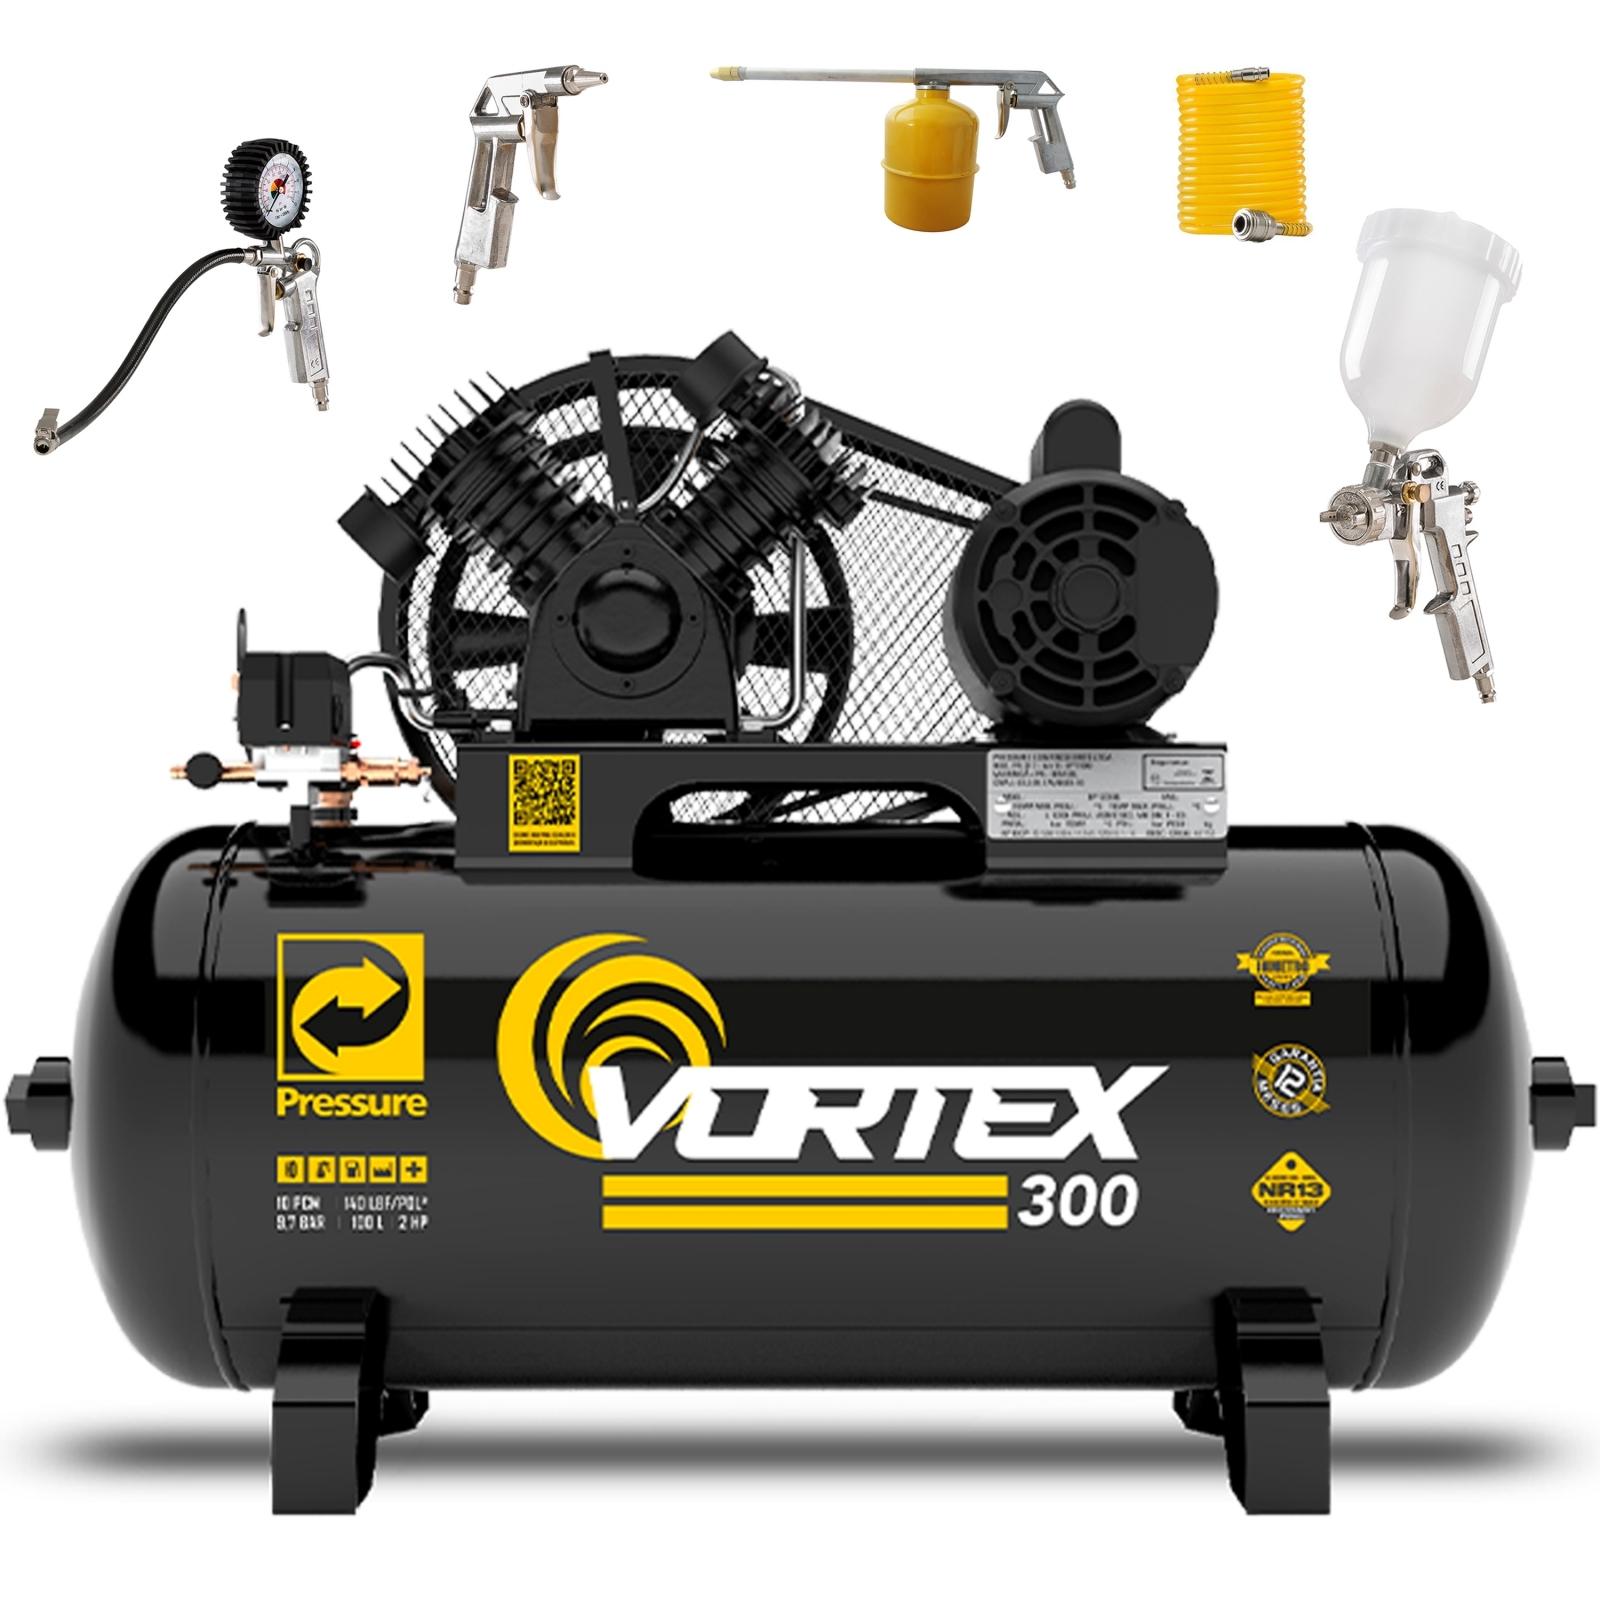 Compressor de Ar 10 pcm 100 litros Pressure Vortex com kit Simples Cp3 - Ferramentas MEP